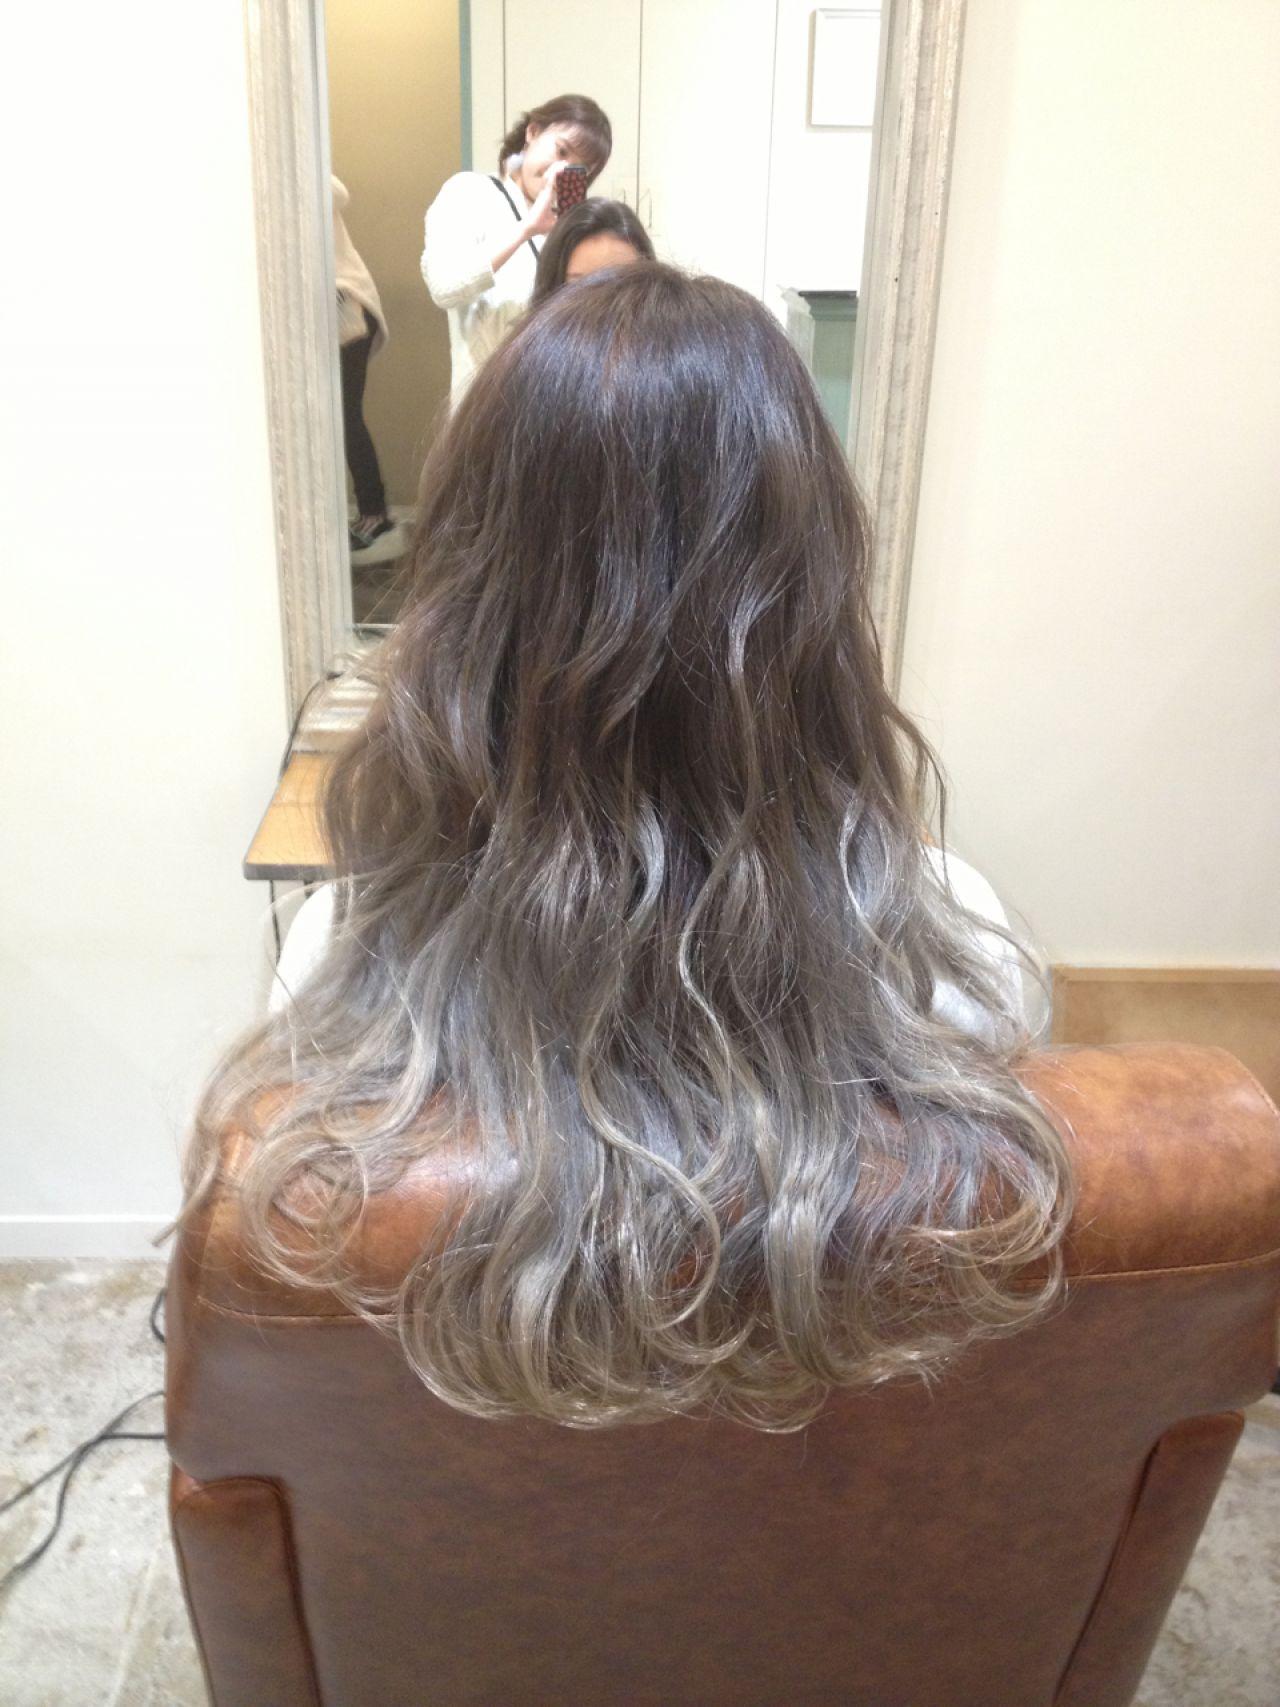 HAIRで人気のスナップをPickup!誰もが憧れるグラデーションカラー。 藤田 悦子 / miel hair&spa